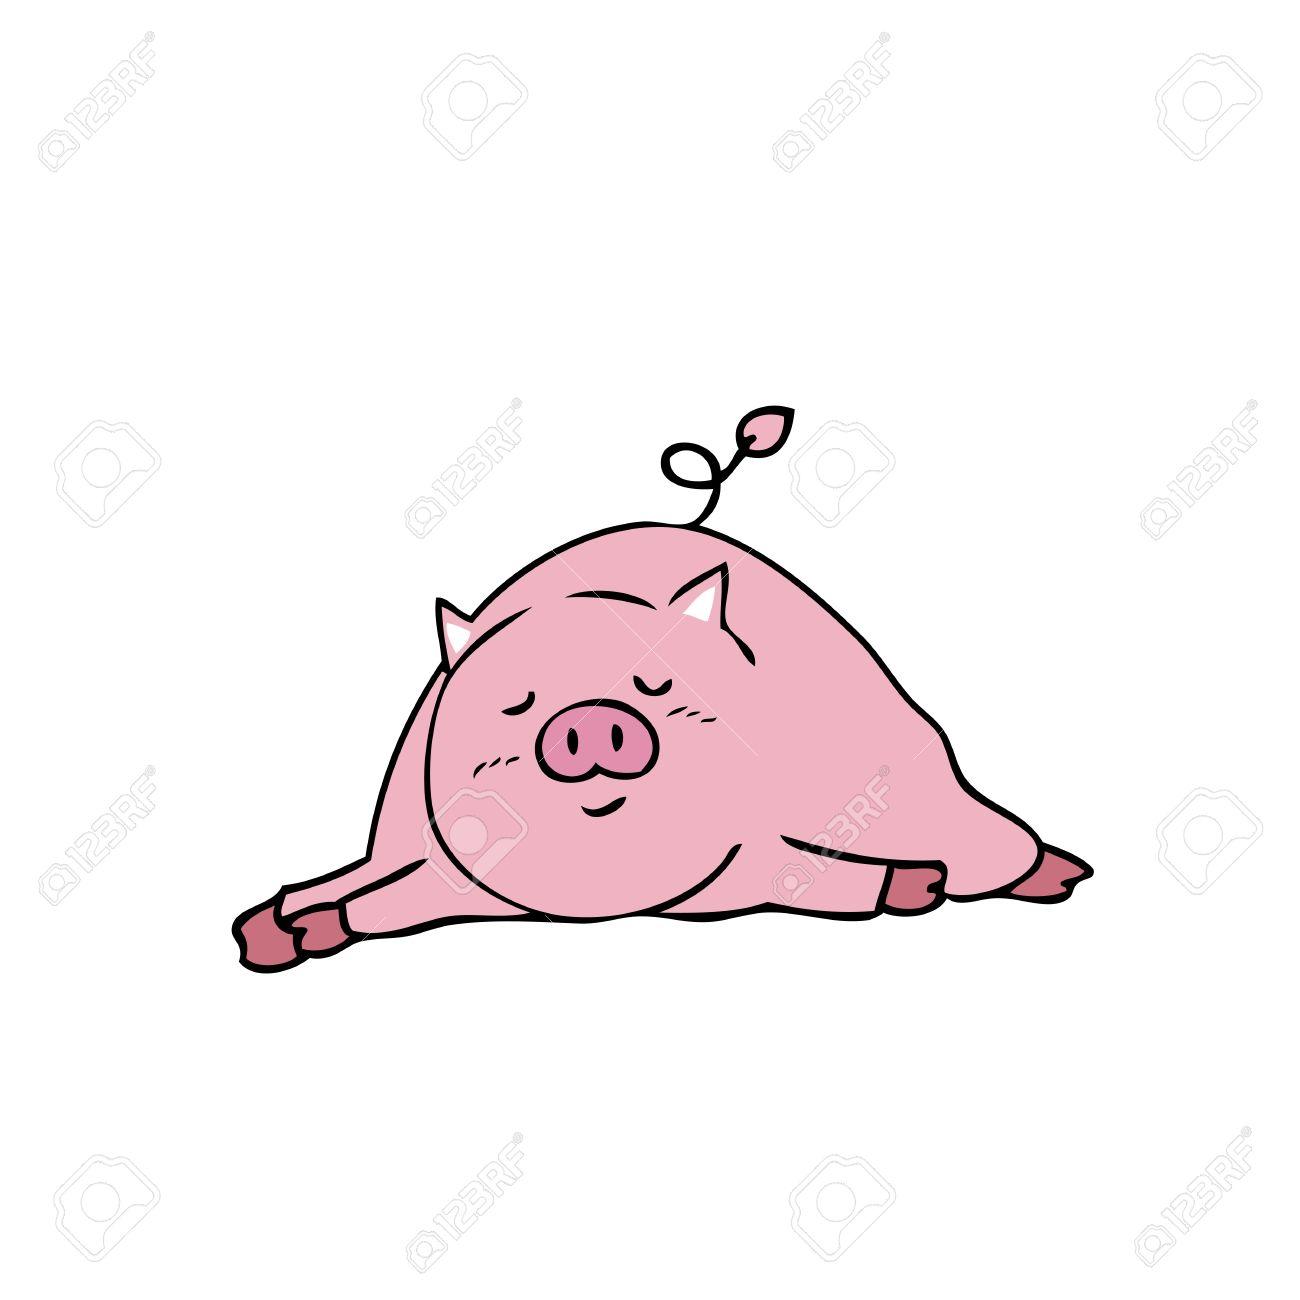 1300x1300 Pig Sleeping Drawing Cartoon Vector Royalty Free Cliparts, Vectors